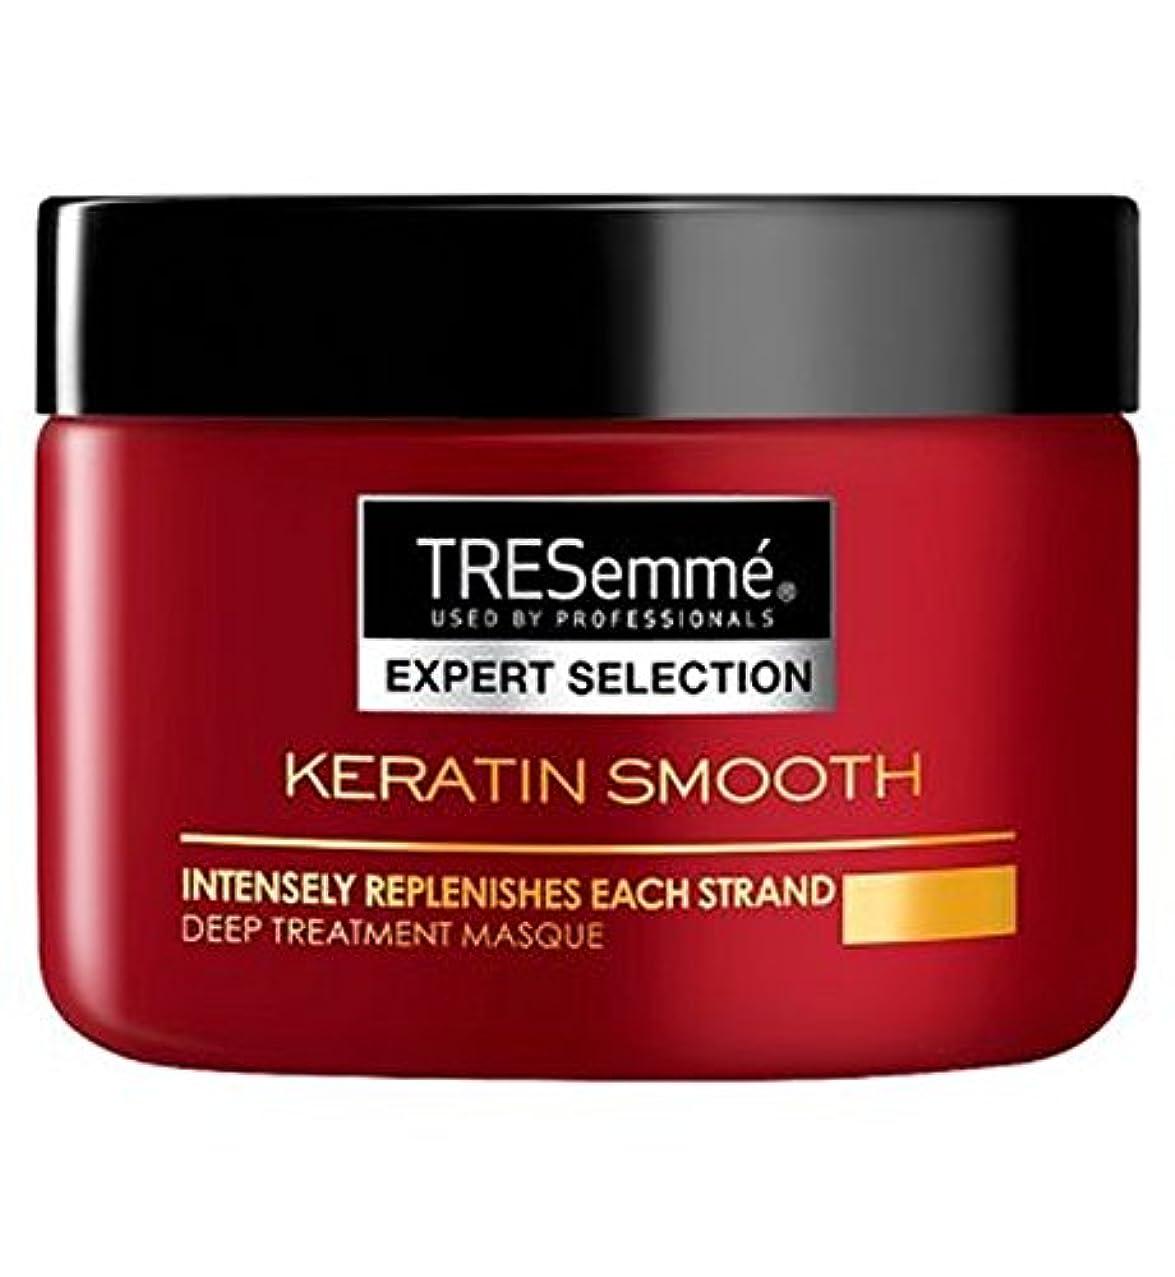 遅滞スタッフガジュマルTresemme Keratin Smooth Deep Treatment Masque 300ml - Tresemmeケラチン滑らかな深い治療の仮面劇の300ミリリットル (Tresemme) [並行輸入品]